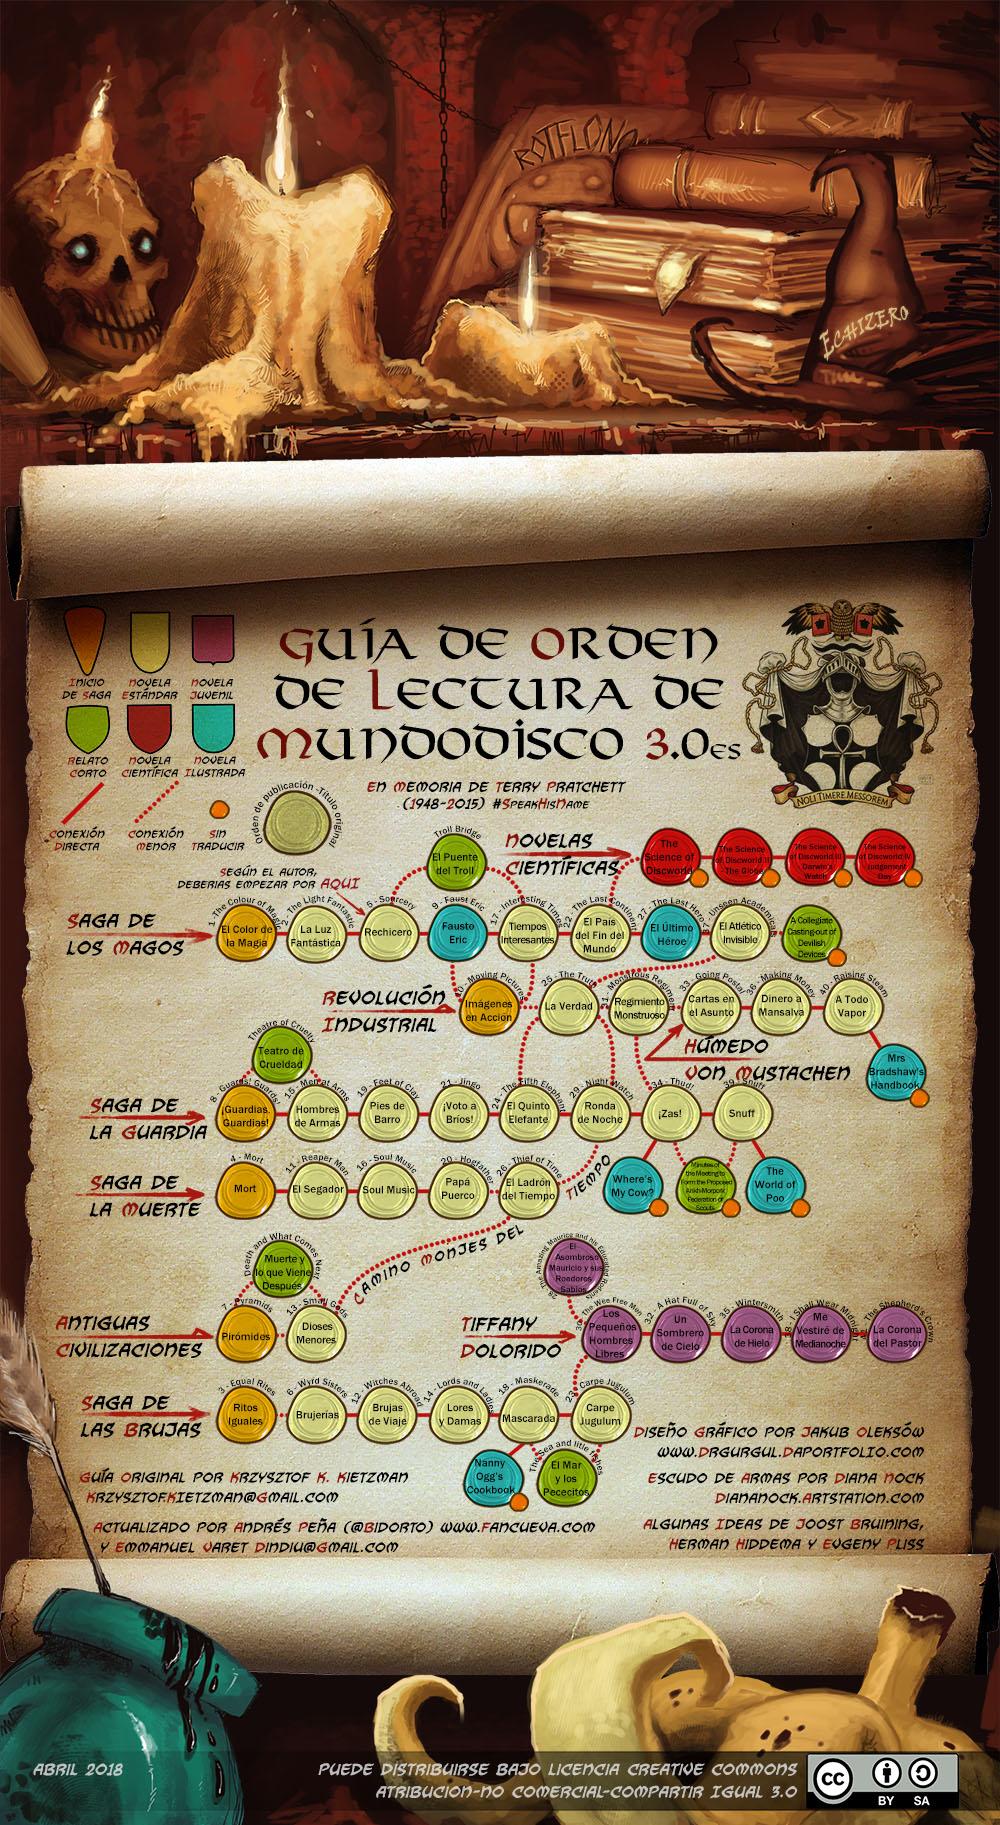 Guía de Orden de Lectura de Mundodisco v3.0 (completa)